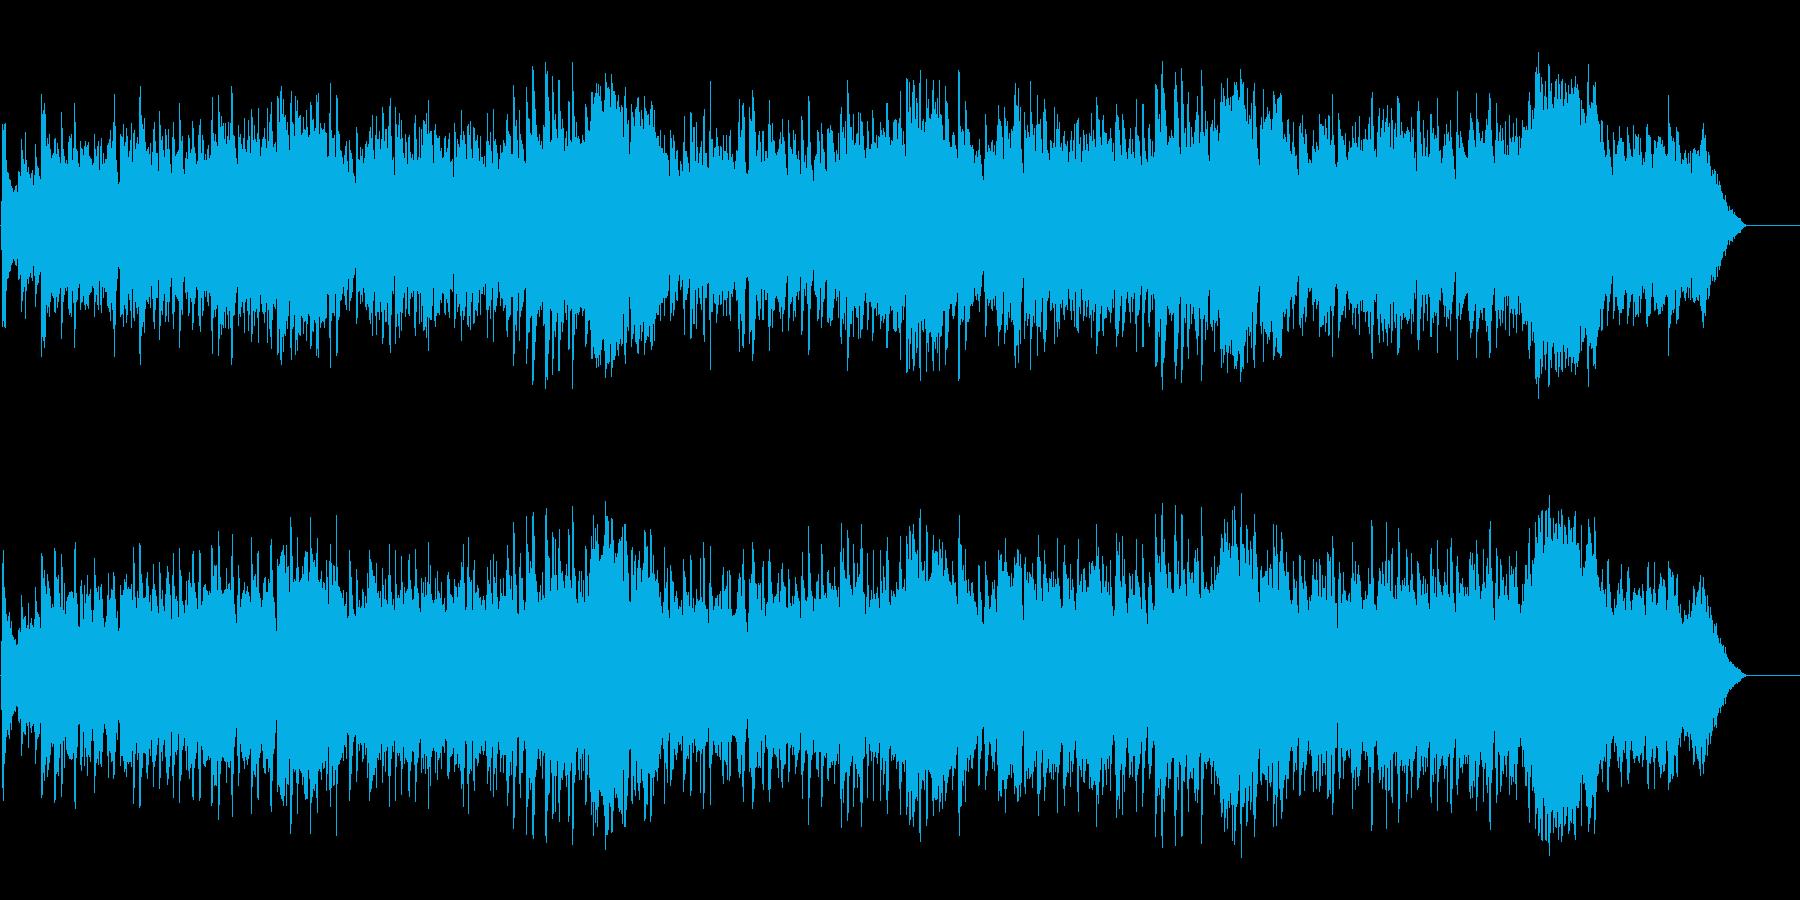 哀愁のシチリア民謡風マイナーワールドの再生済みの波形